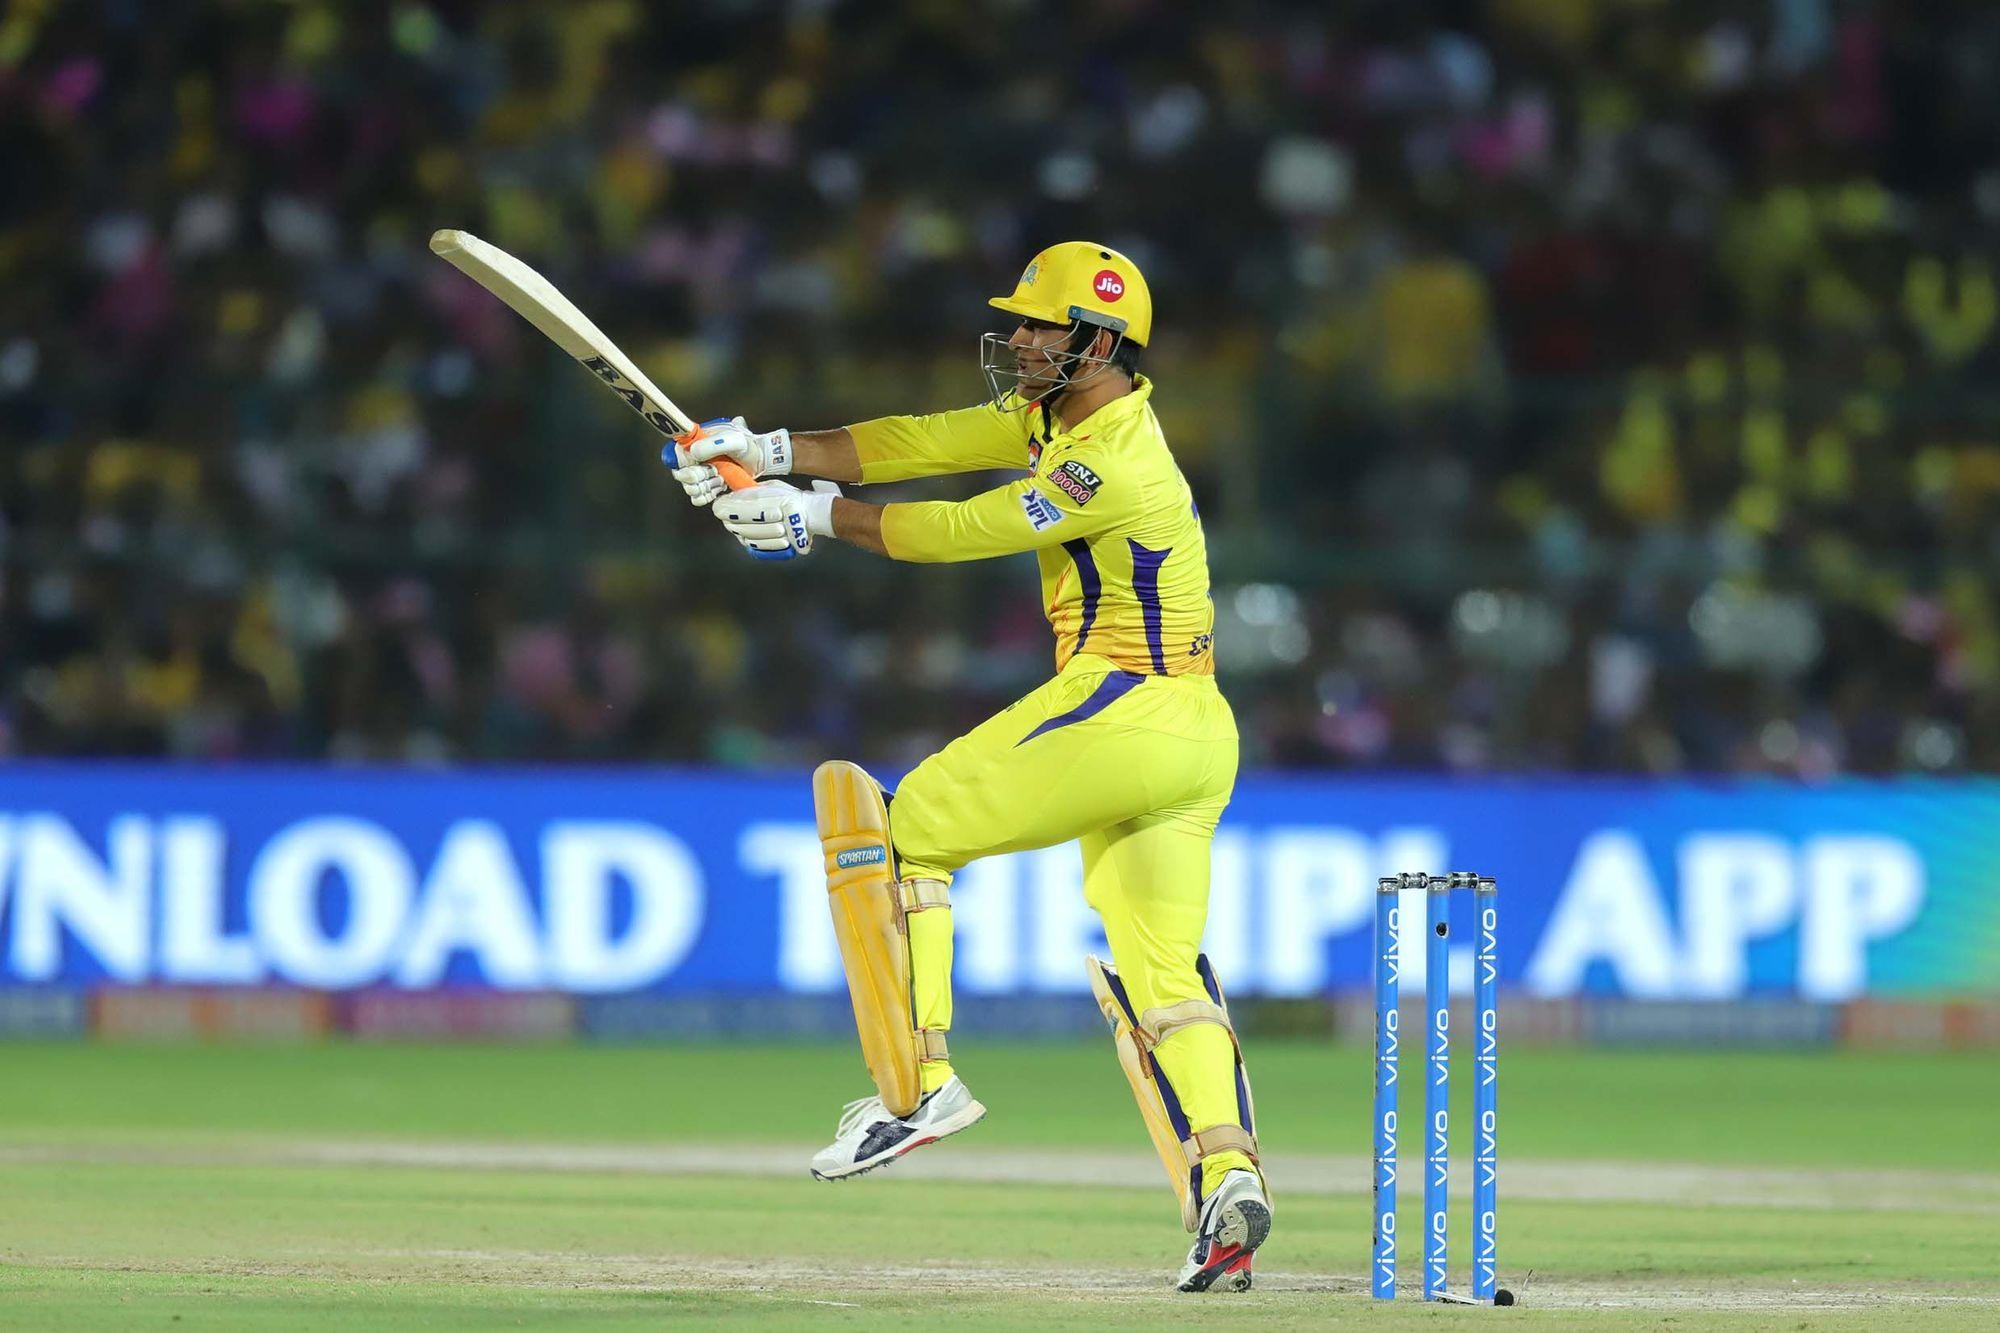 महेंद्र सिंह धोनी ने आईपीएल में चौथी बार पारी के 20वें ओवर में 20 से ज्यादा रन बनाने का कारनामा किया है, जो कि रिकॉर्ड है. सच कहा जाए तो आईपीएल के तमाम स्टार खिलाड़ी उनके आगे फीके नजर आते हैं.(photo-iplt20.com)